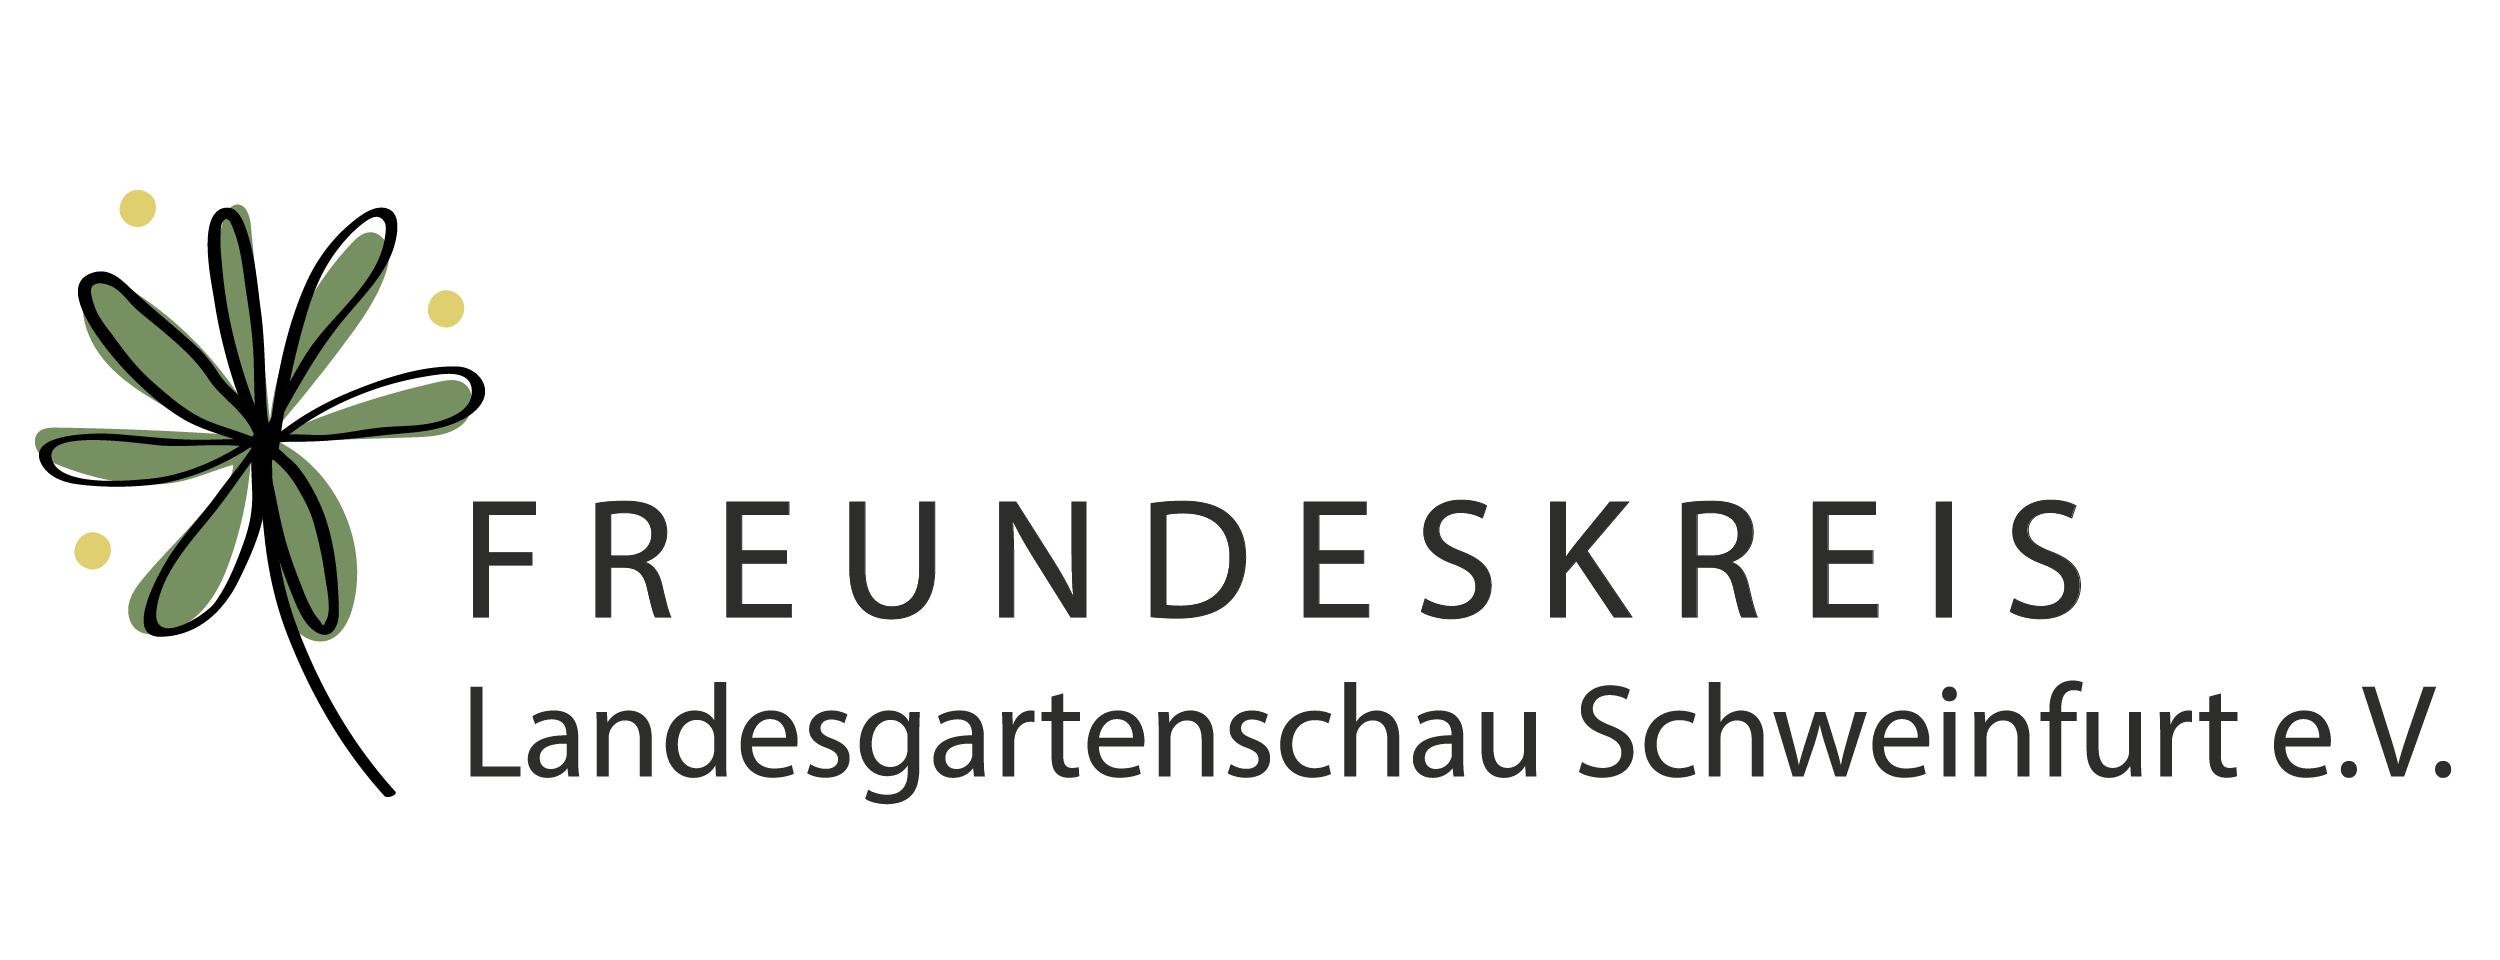 Freundeskreis Landesgartenschau Schweinfurt e.V.